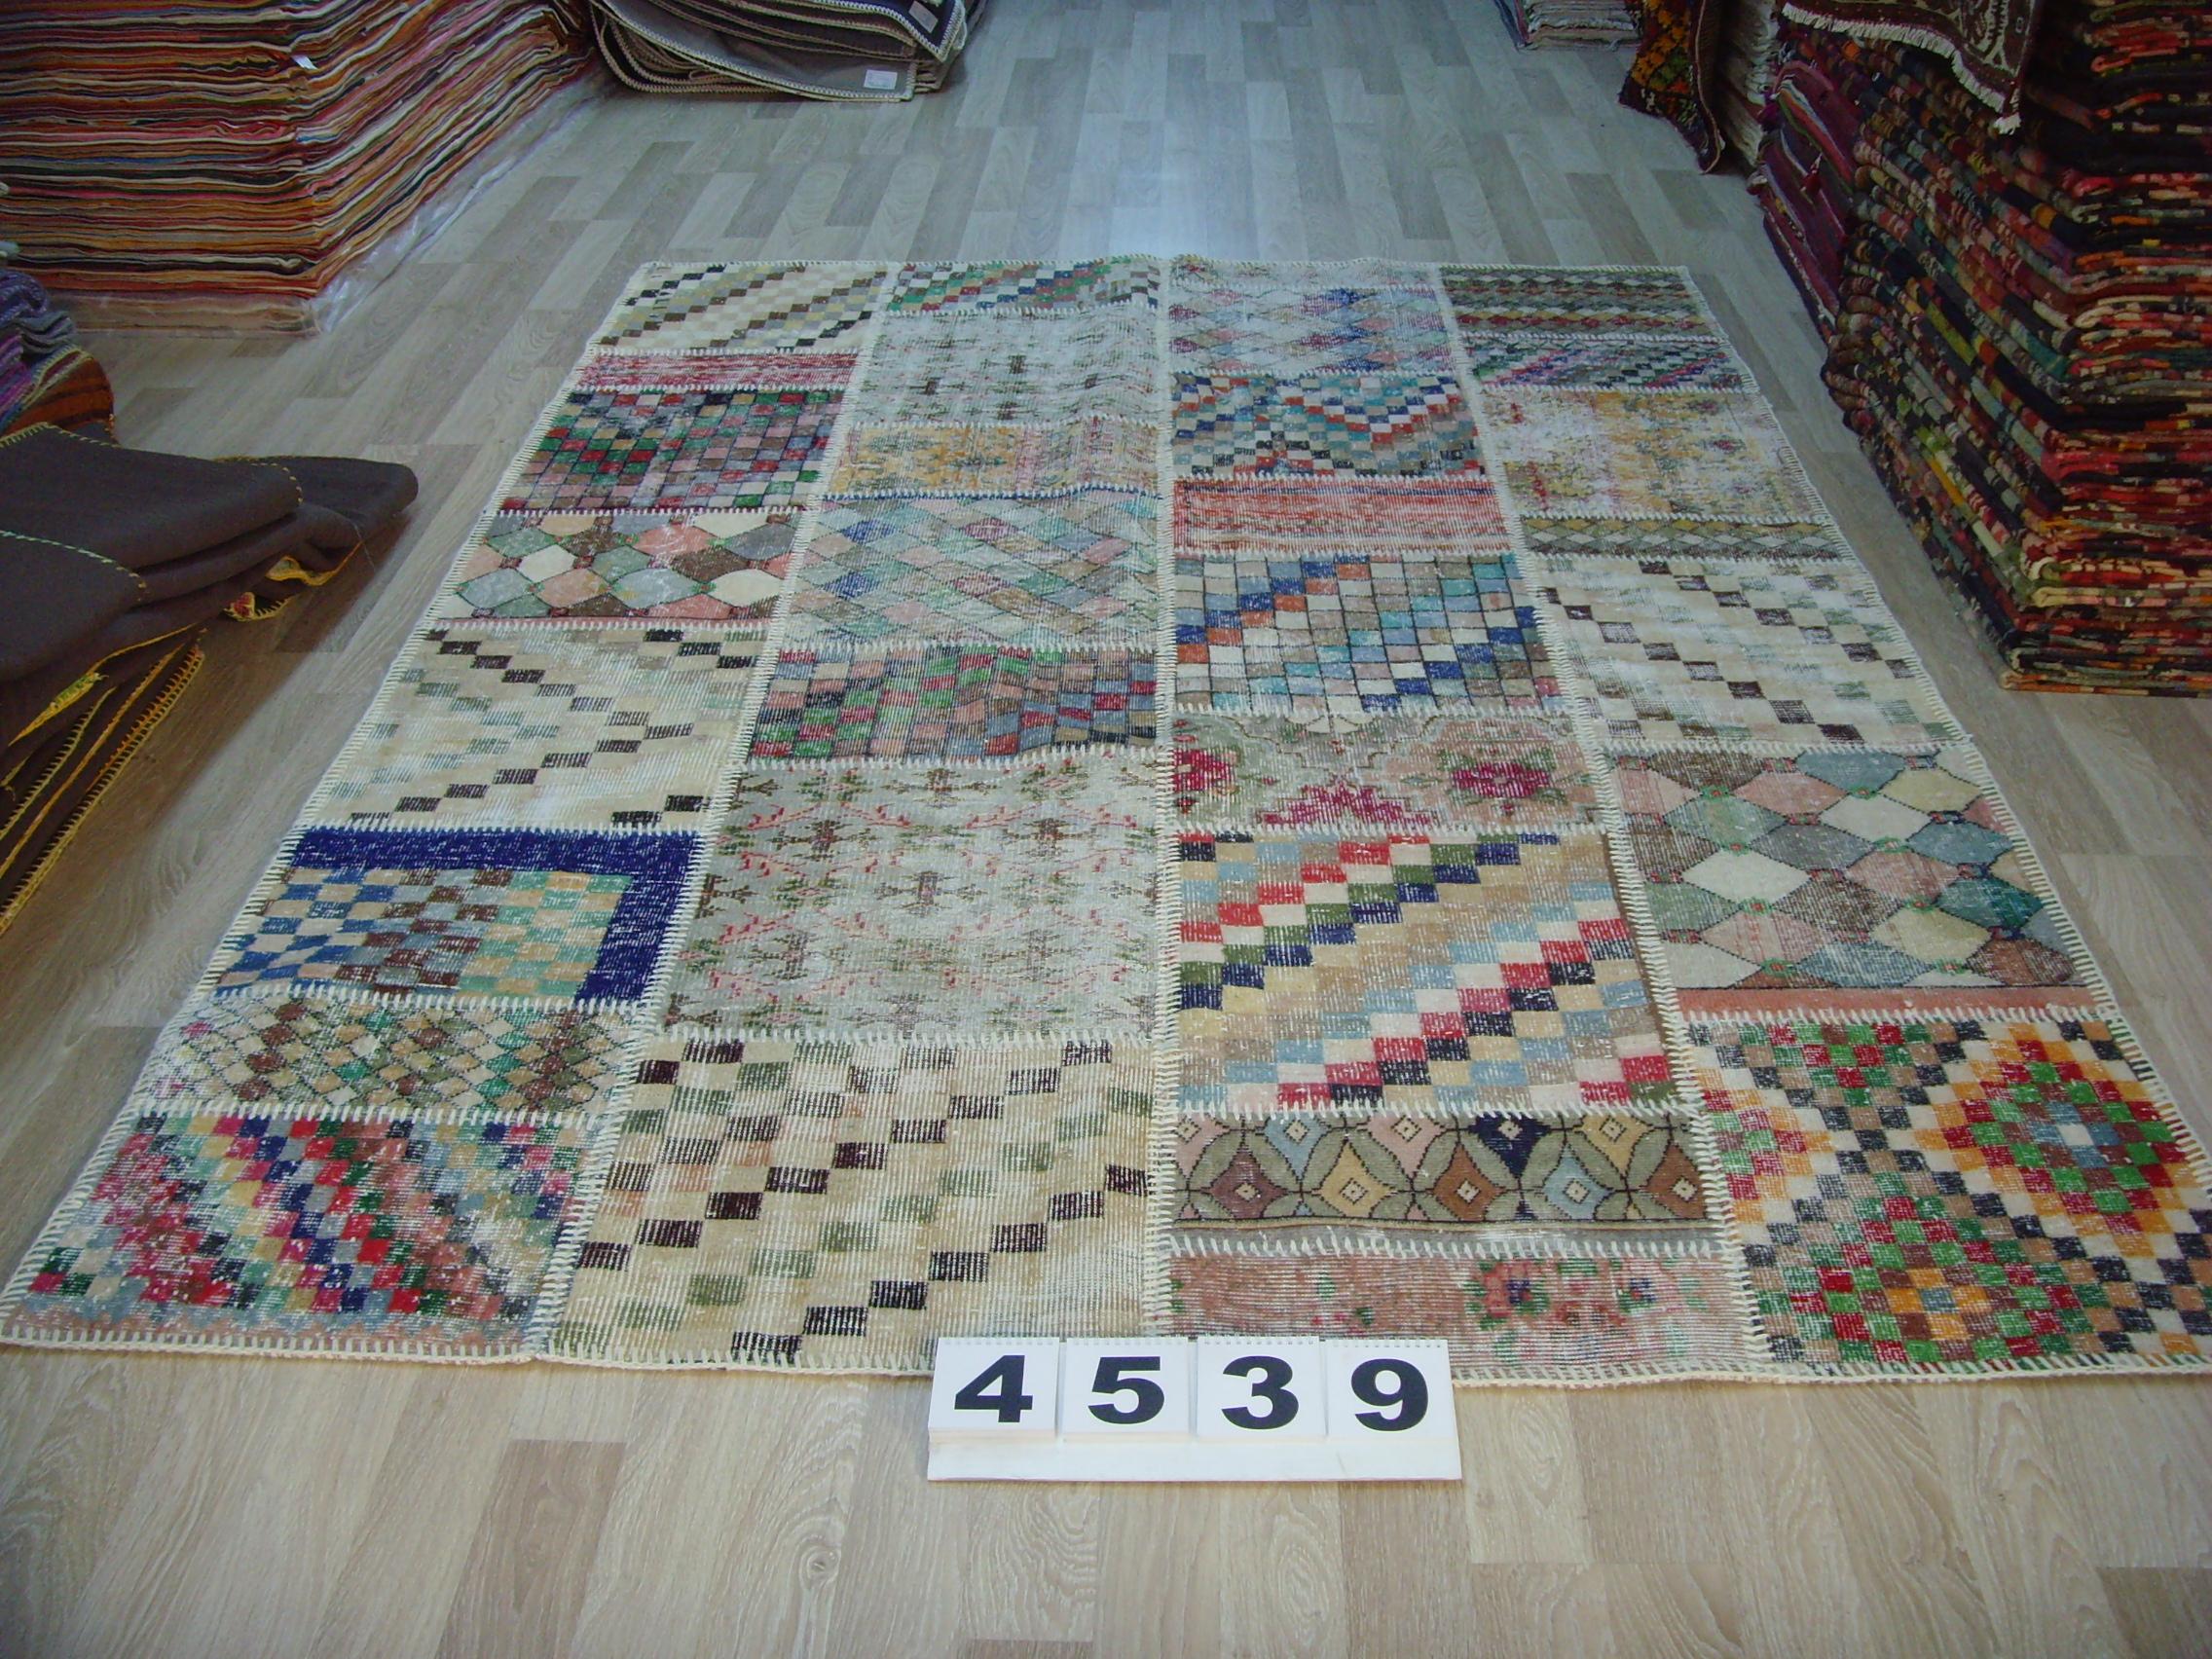 Patchwork vloerkleed   4542  (300cm x 204cm) gemaakt vintage vloerkleden incl.onderkleed van katoen.